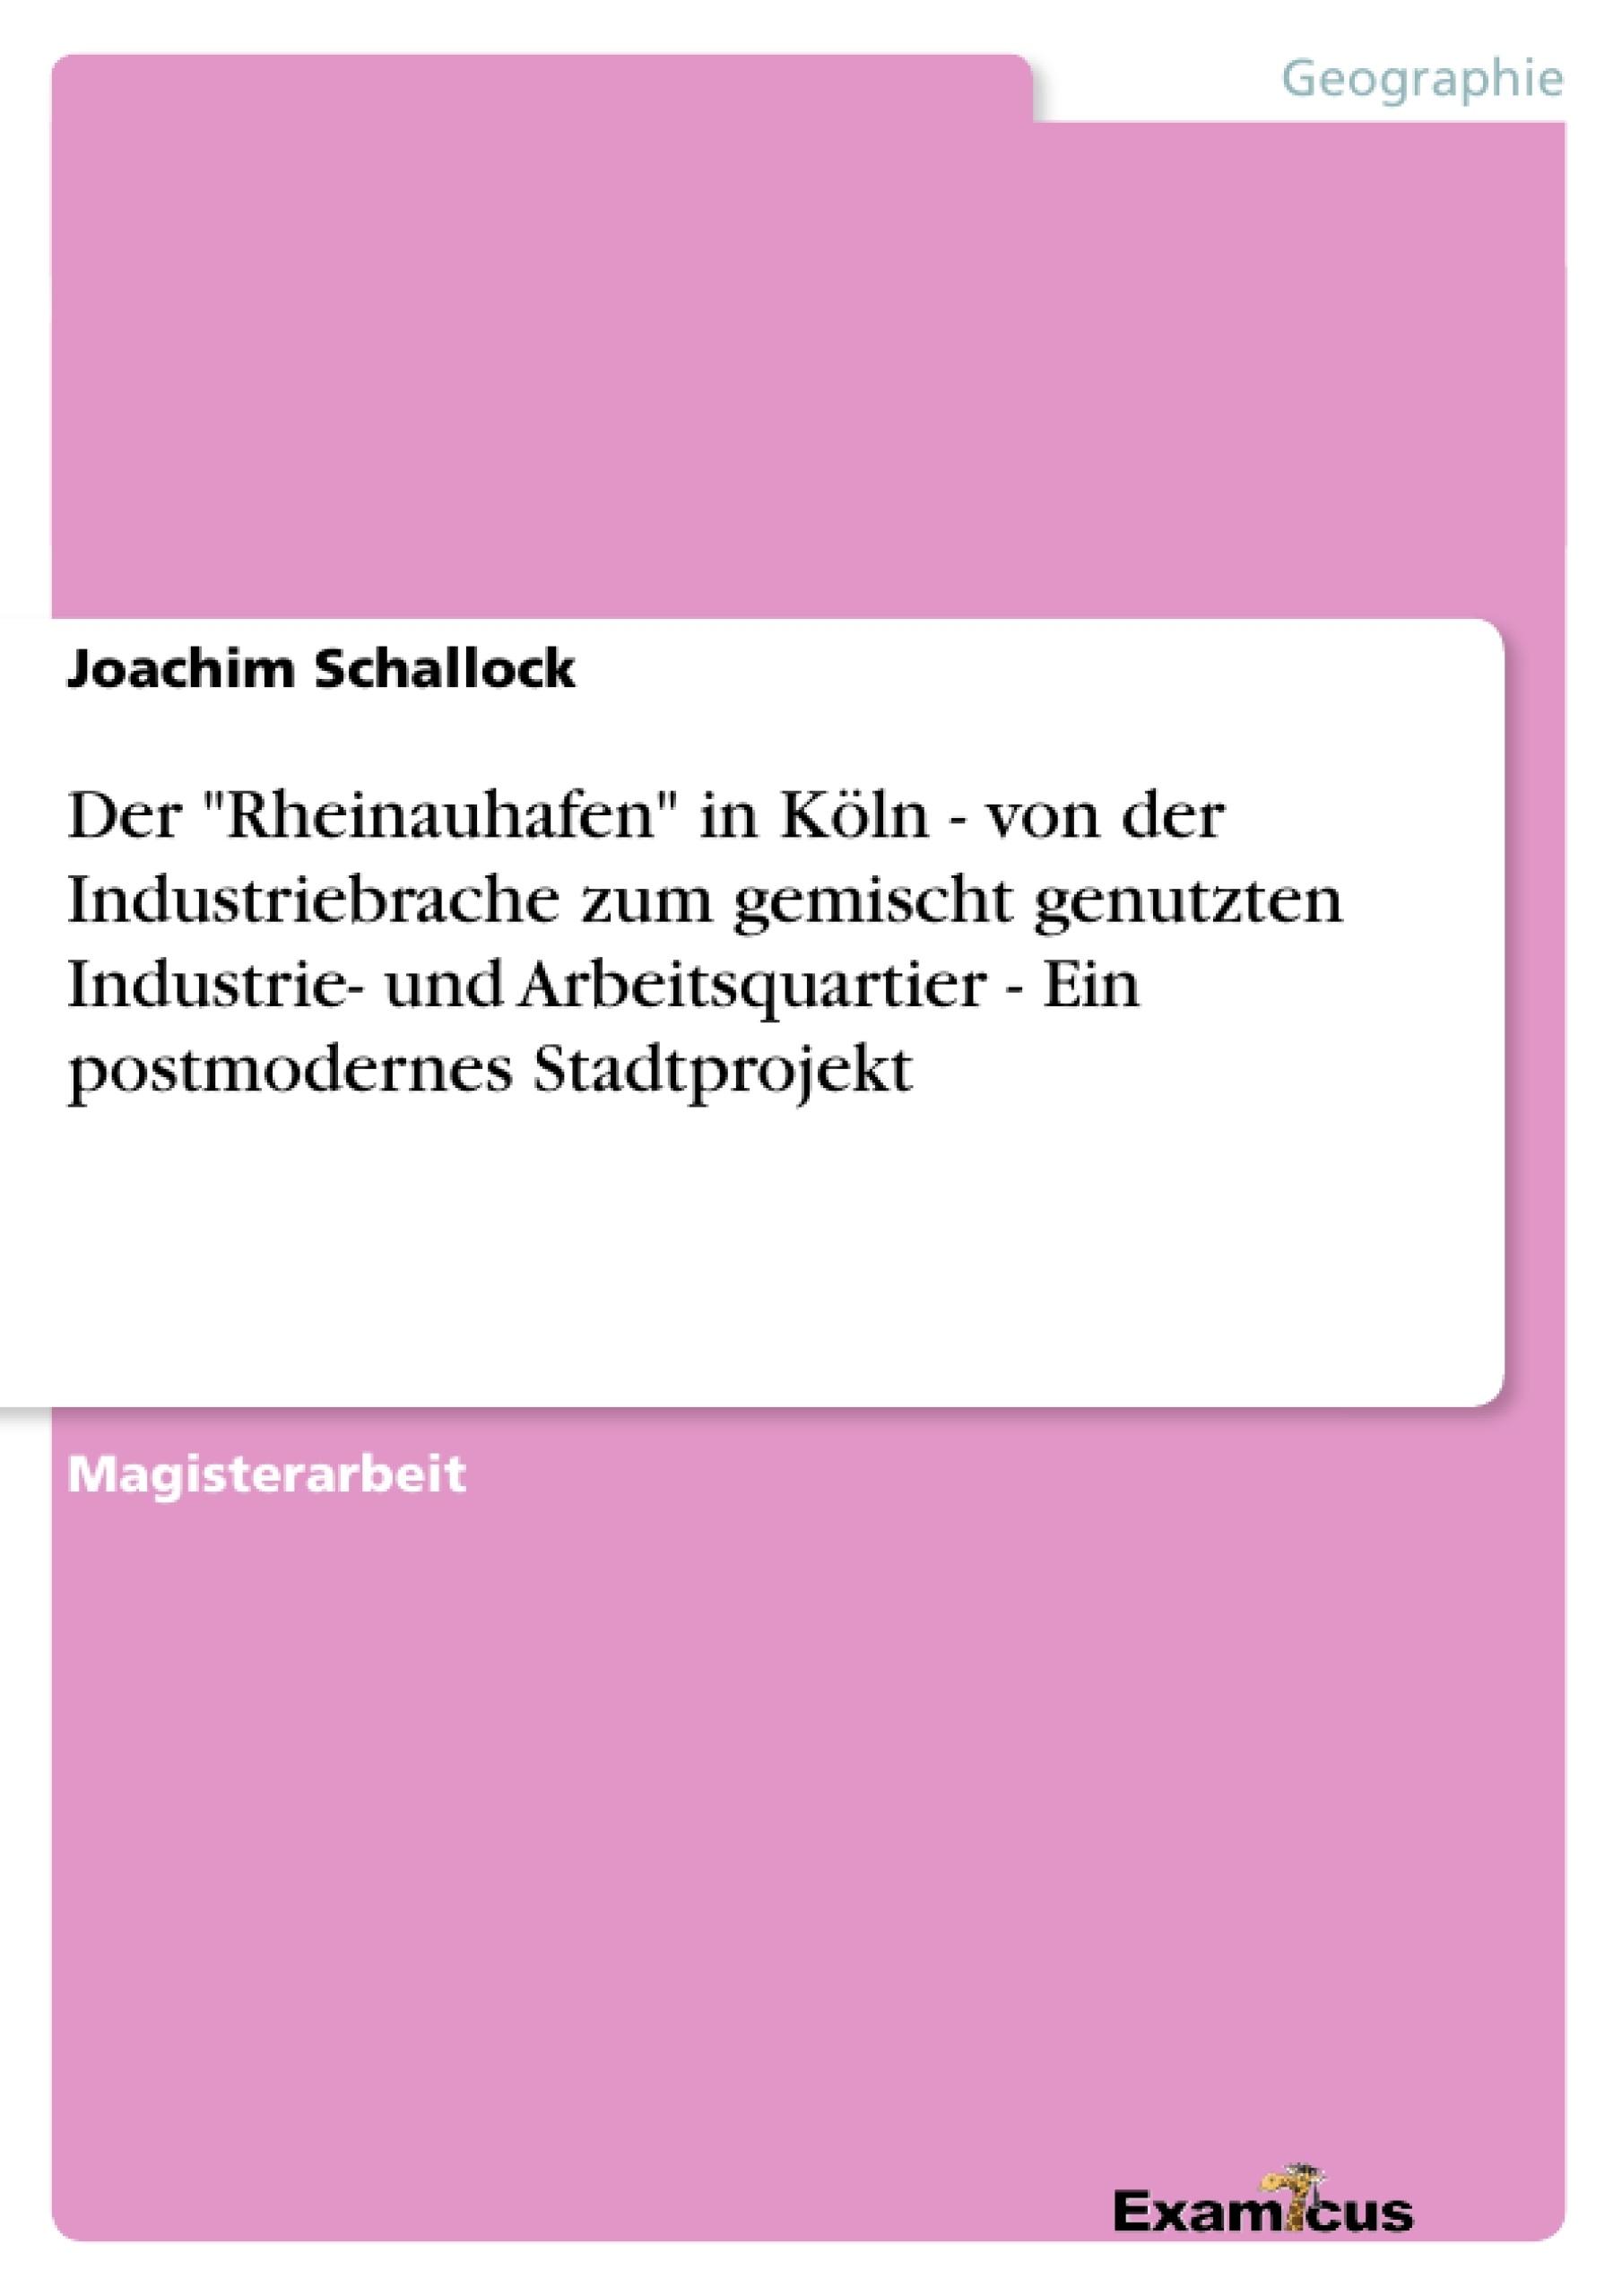 """Titel: Der """"Rheinauhafen"""" in Köln - von der Industriebrache zum gemischt genutzten Industrie- und Arbeitsquartier - Ein postmodernes Stadtprojekt"""